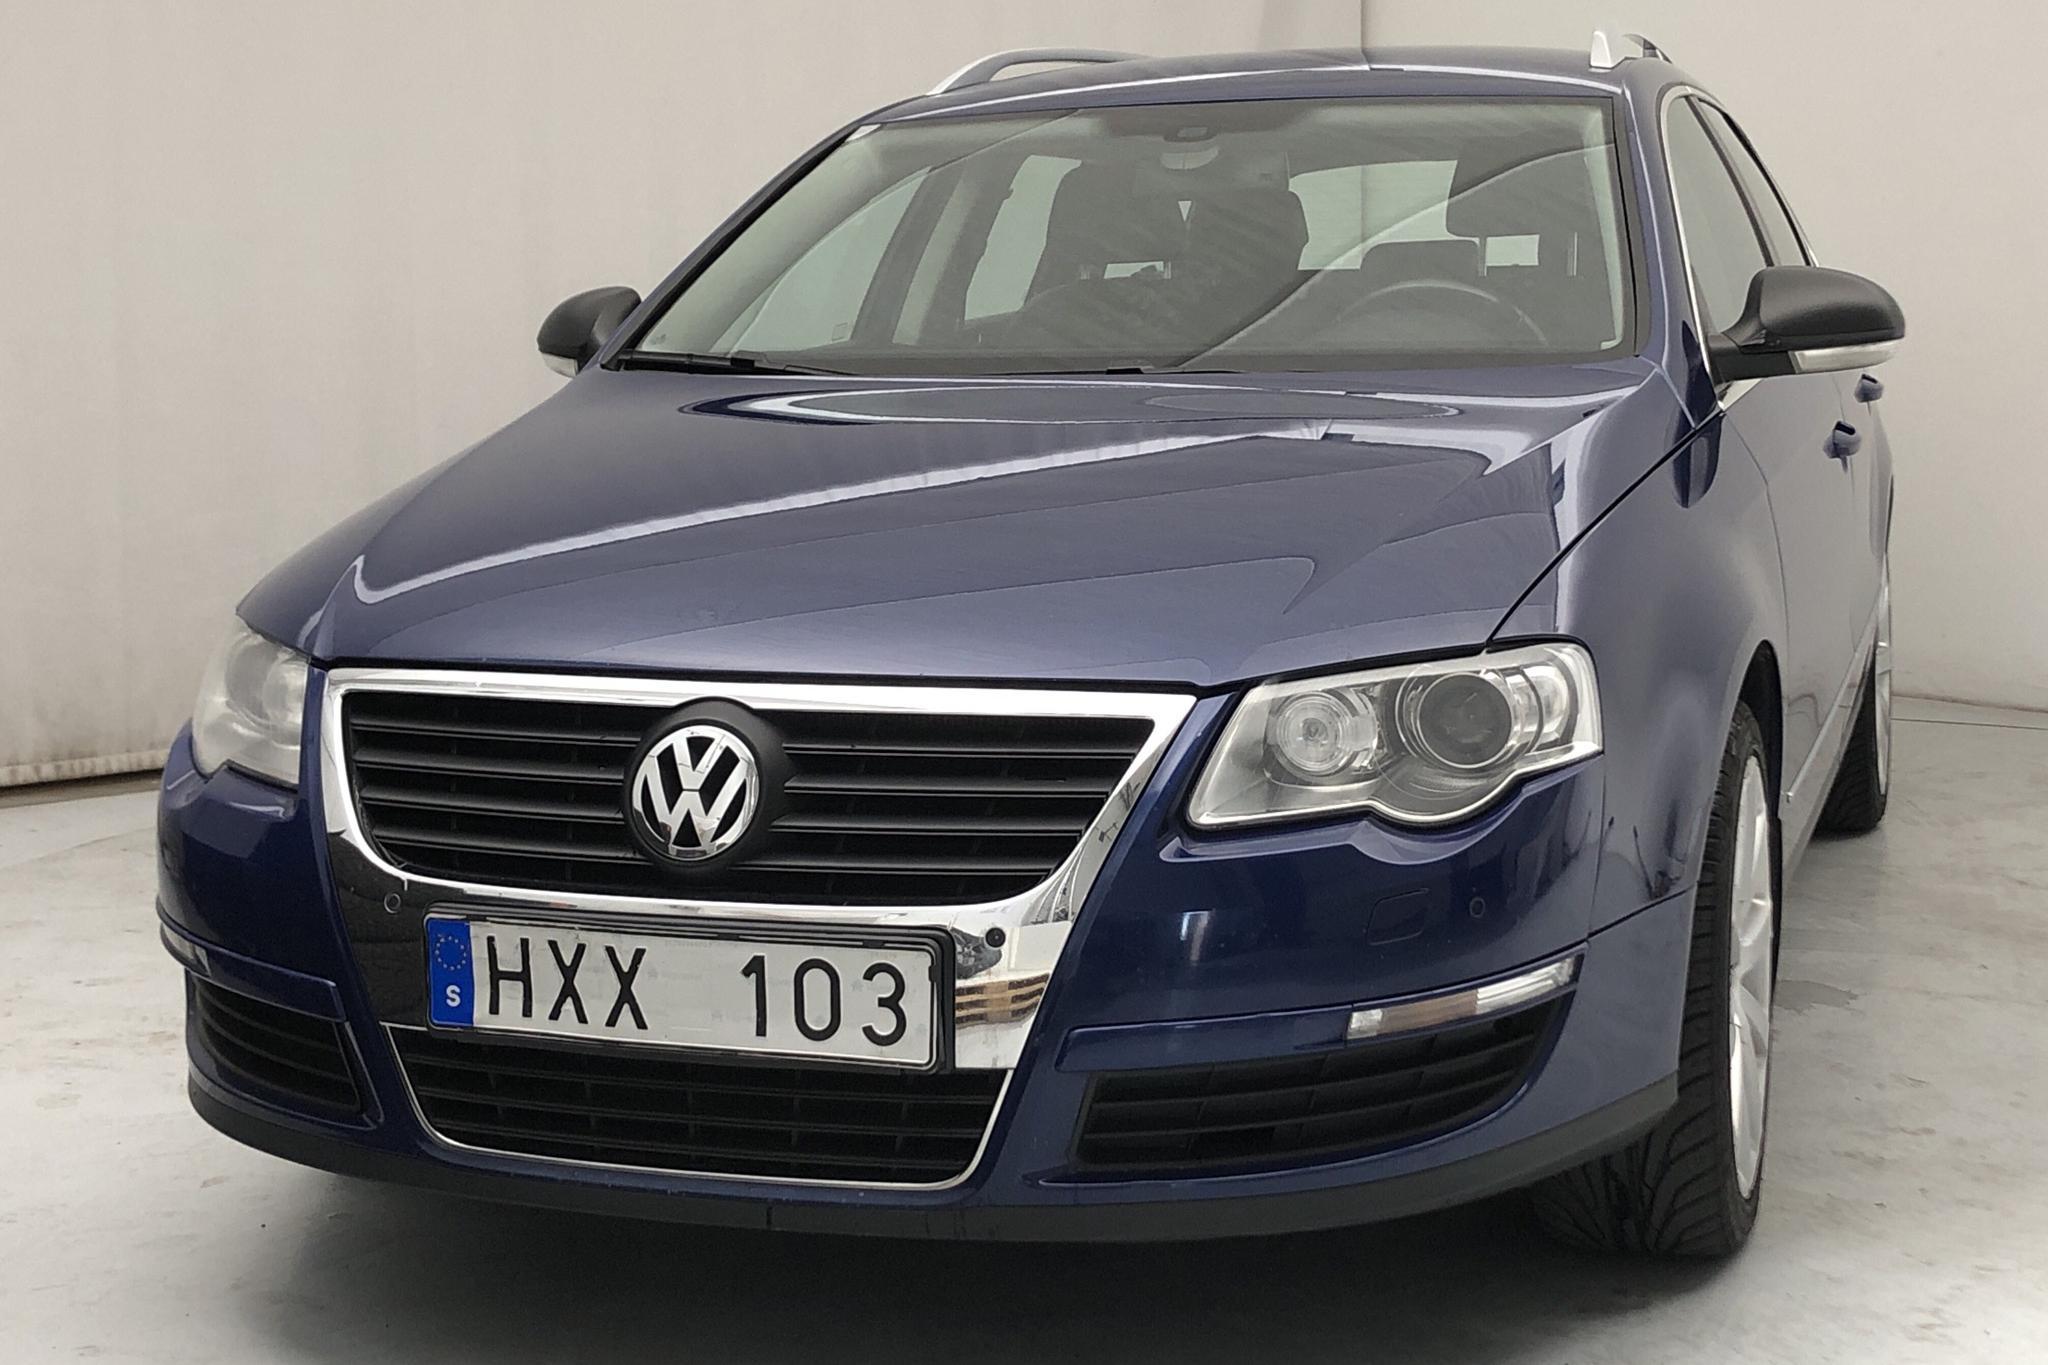 VW Passat 2.0 TDI Variant (170hk) - 186 110 km - Automatic - Light Blue - 2009